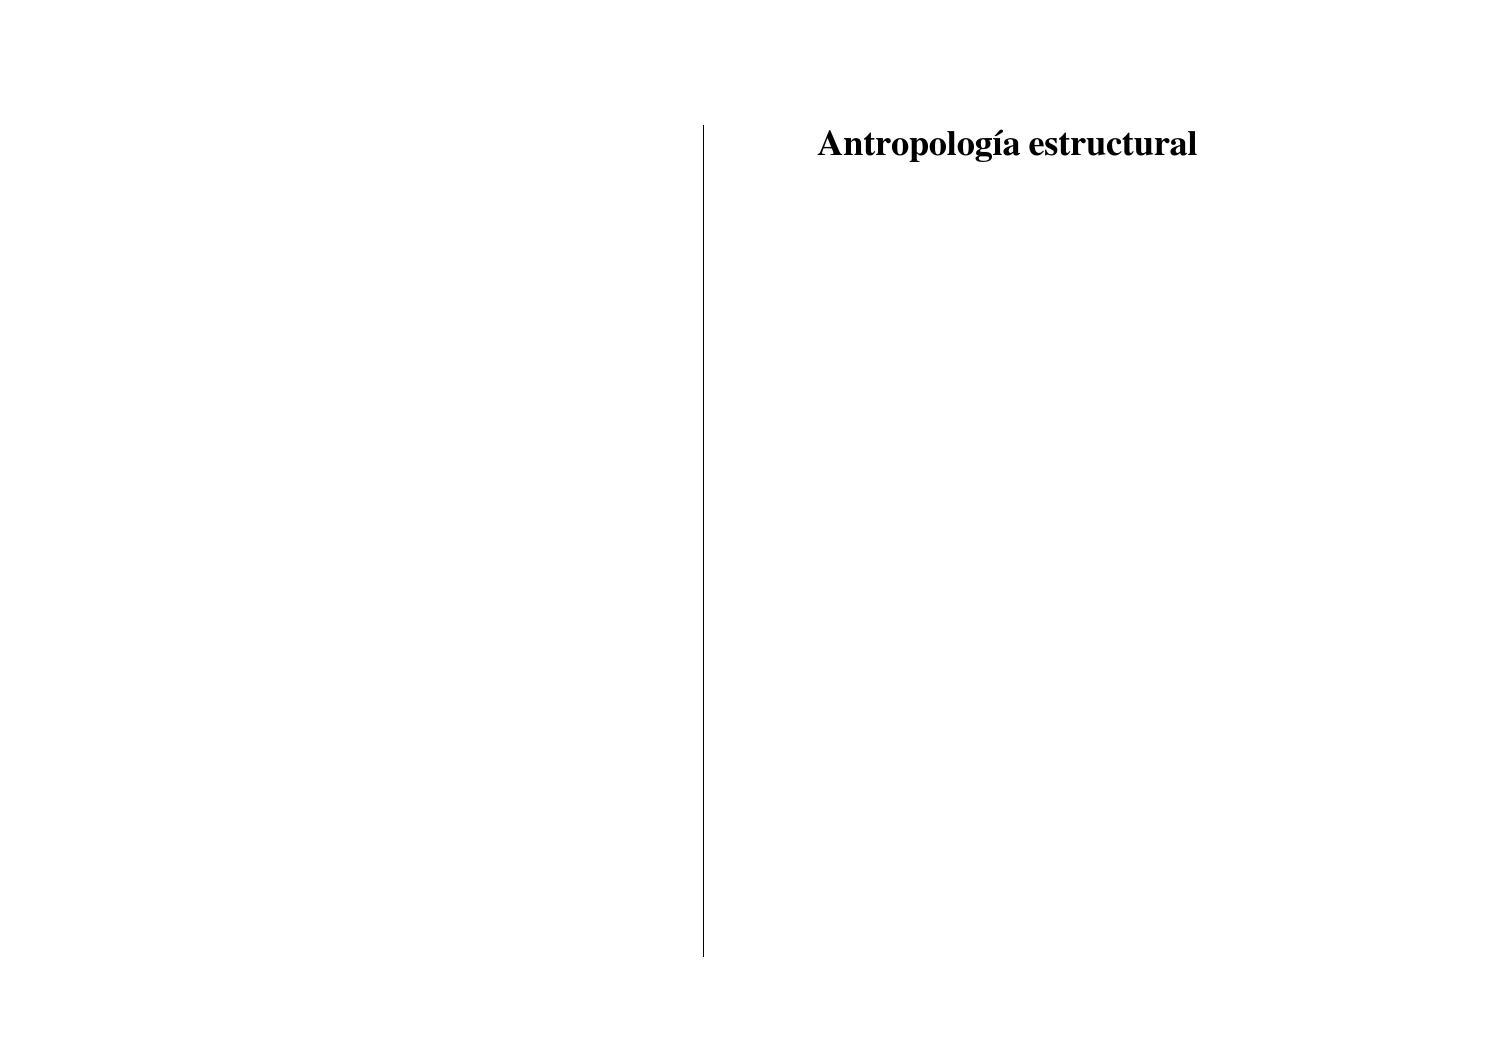 Lévi strauss antropología estructural by Escuela de Derechos Humanos ...